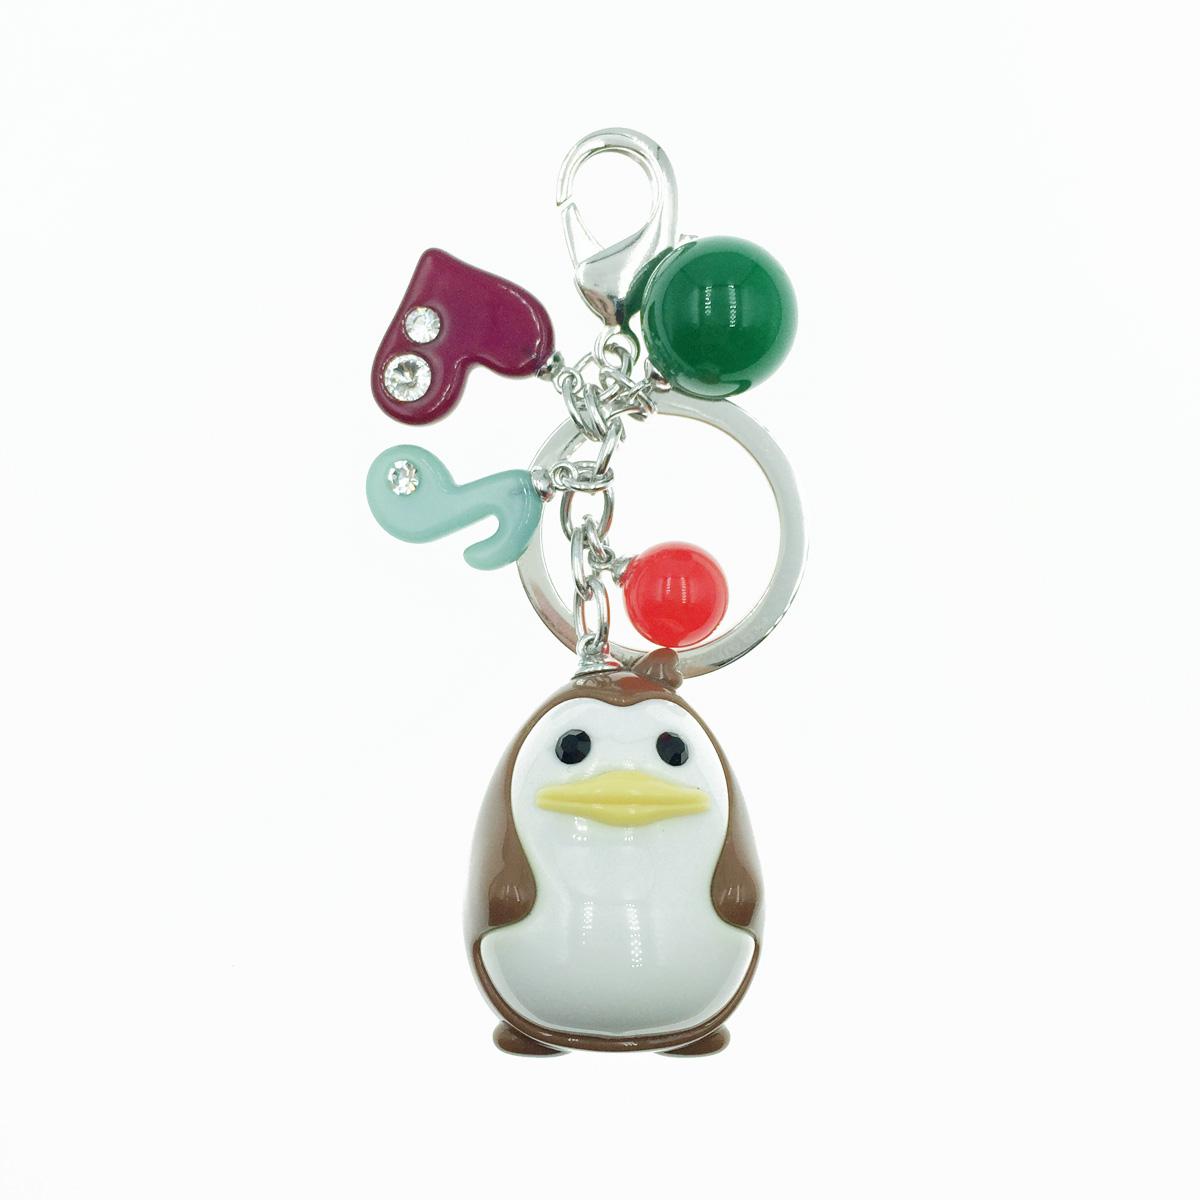 韓國 GRAIN DE BEAUTE (AZNAVOUR) 動物 企鵝 愛心 音符 水鑽 鑰匙圈